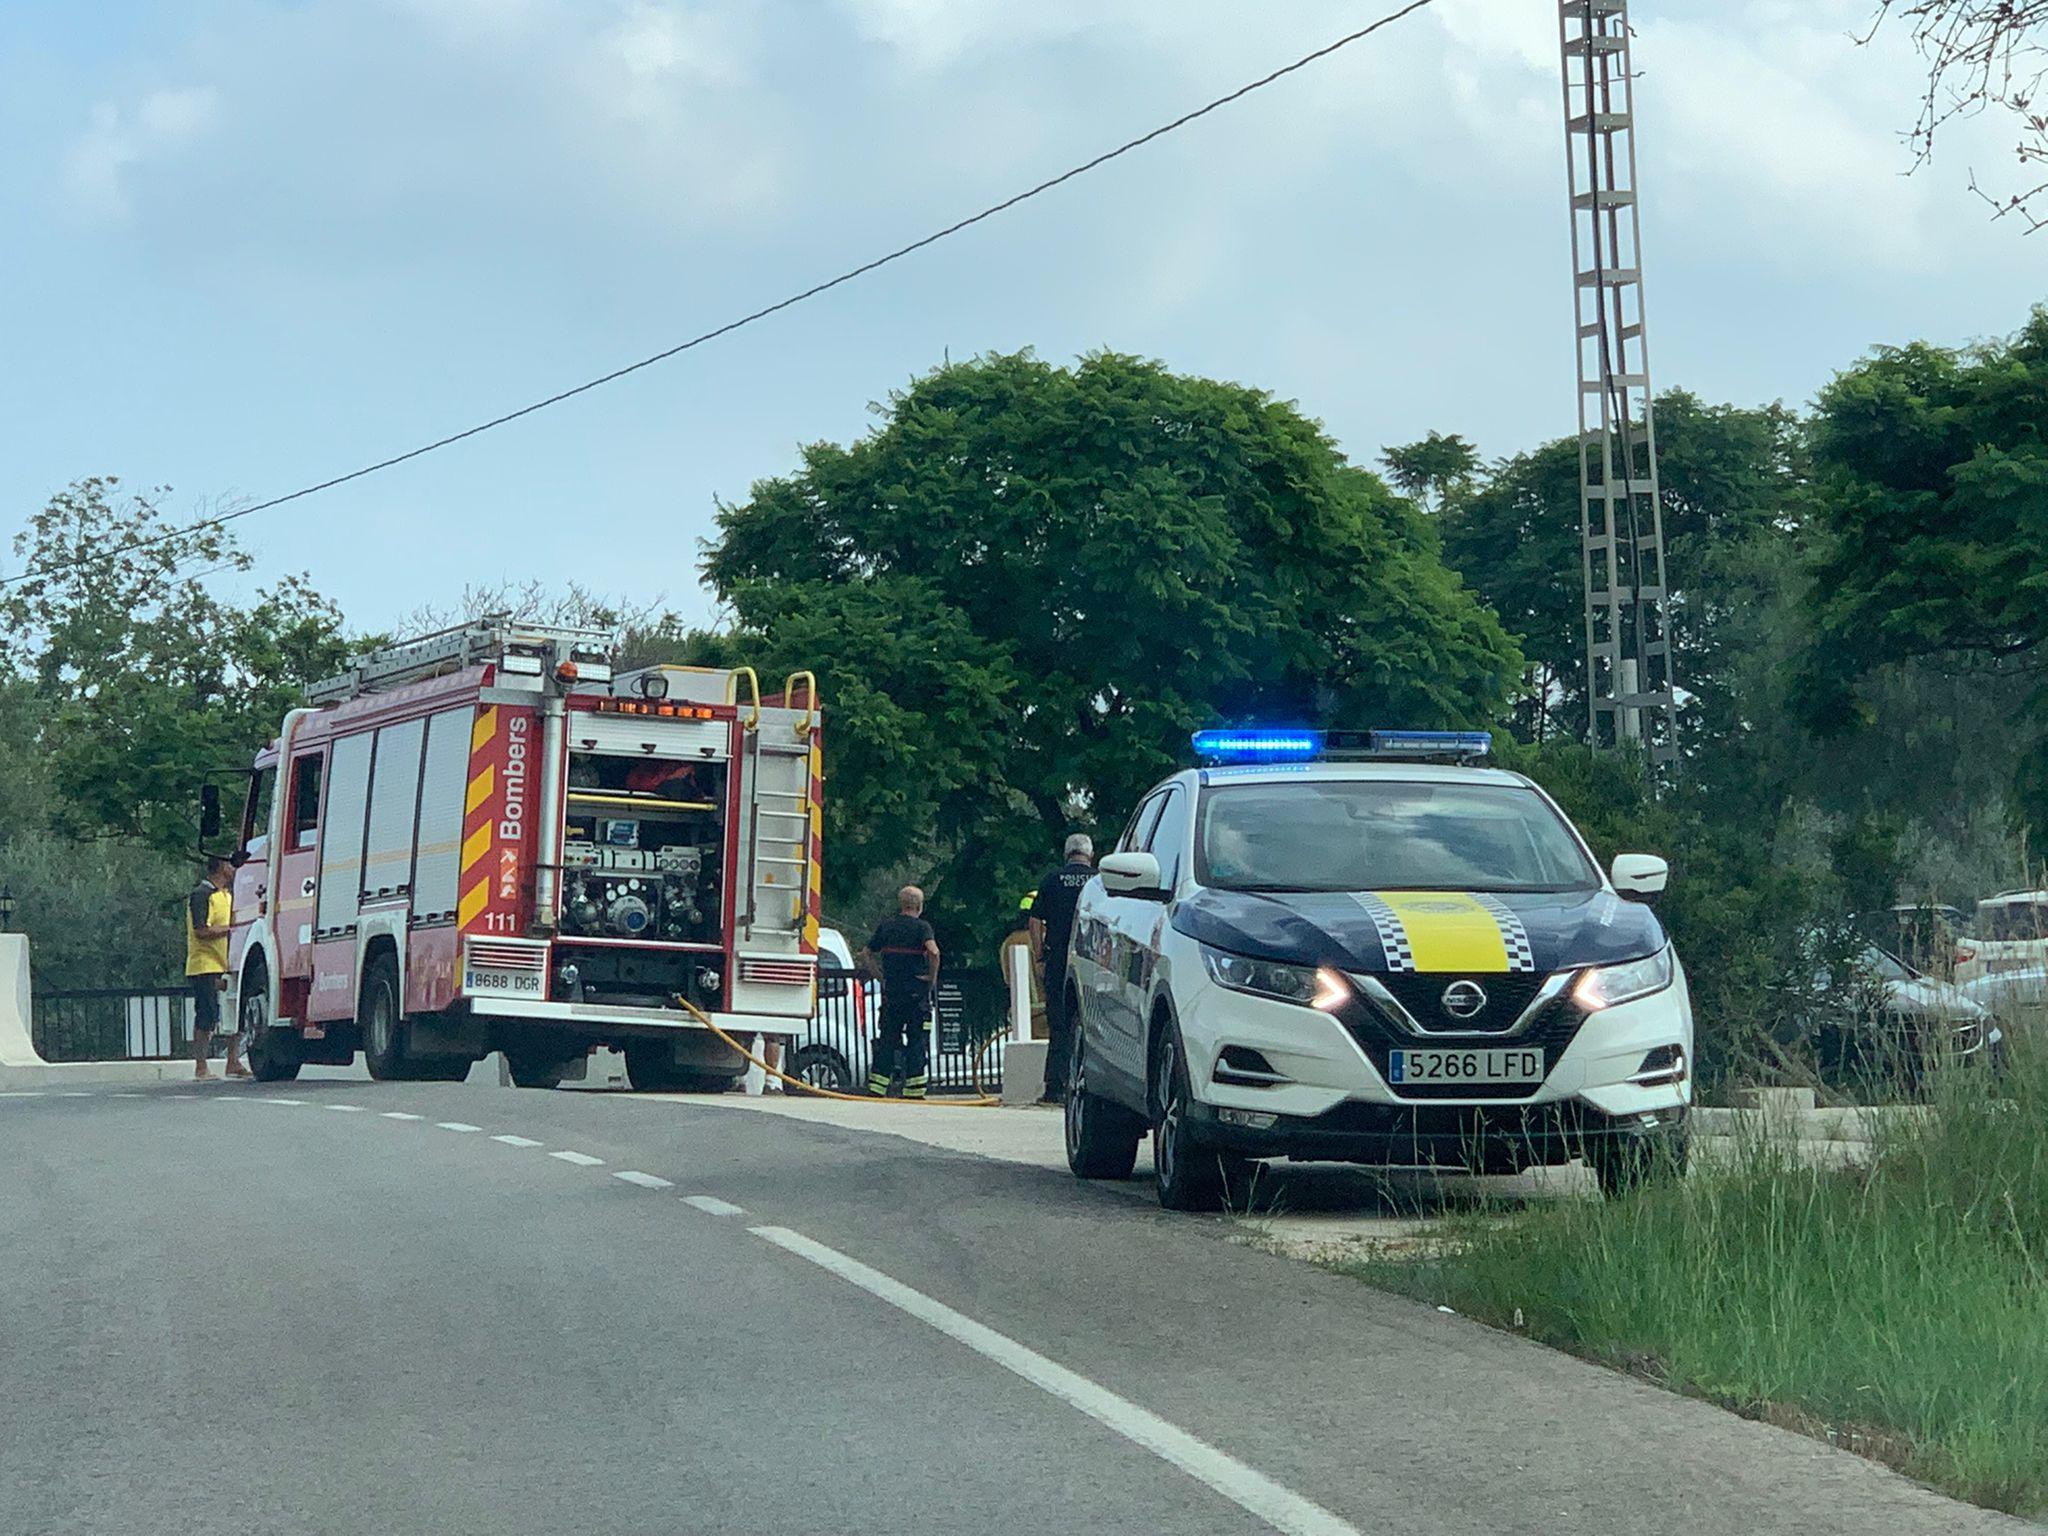 Intervención de bomberos y Policía Local en el lugar del incidente